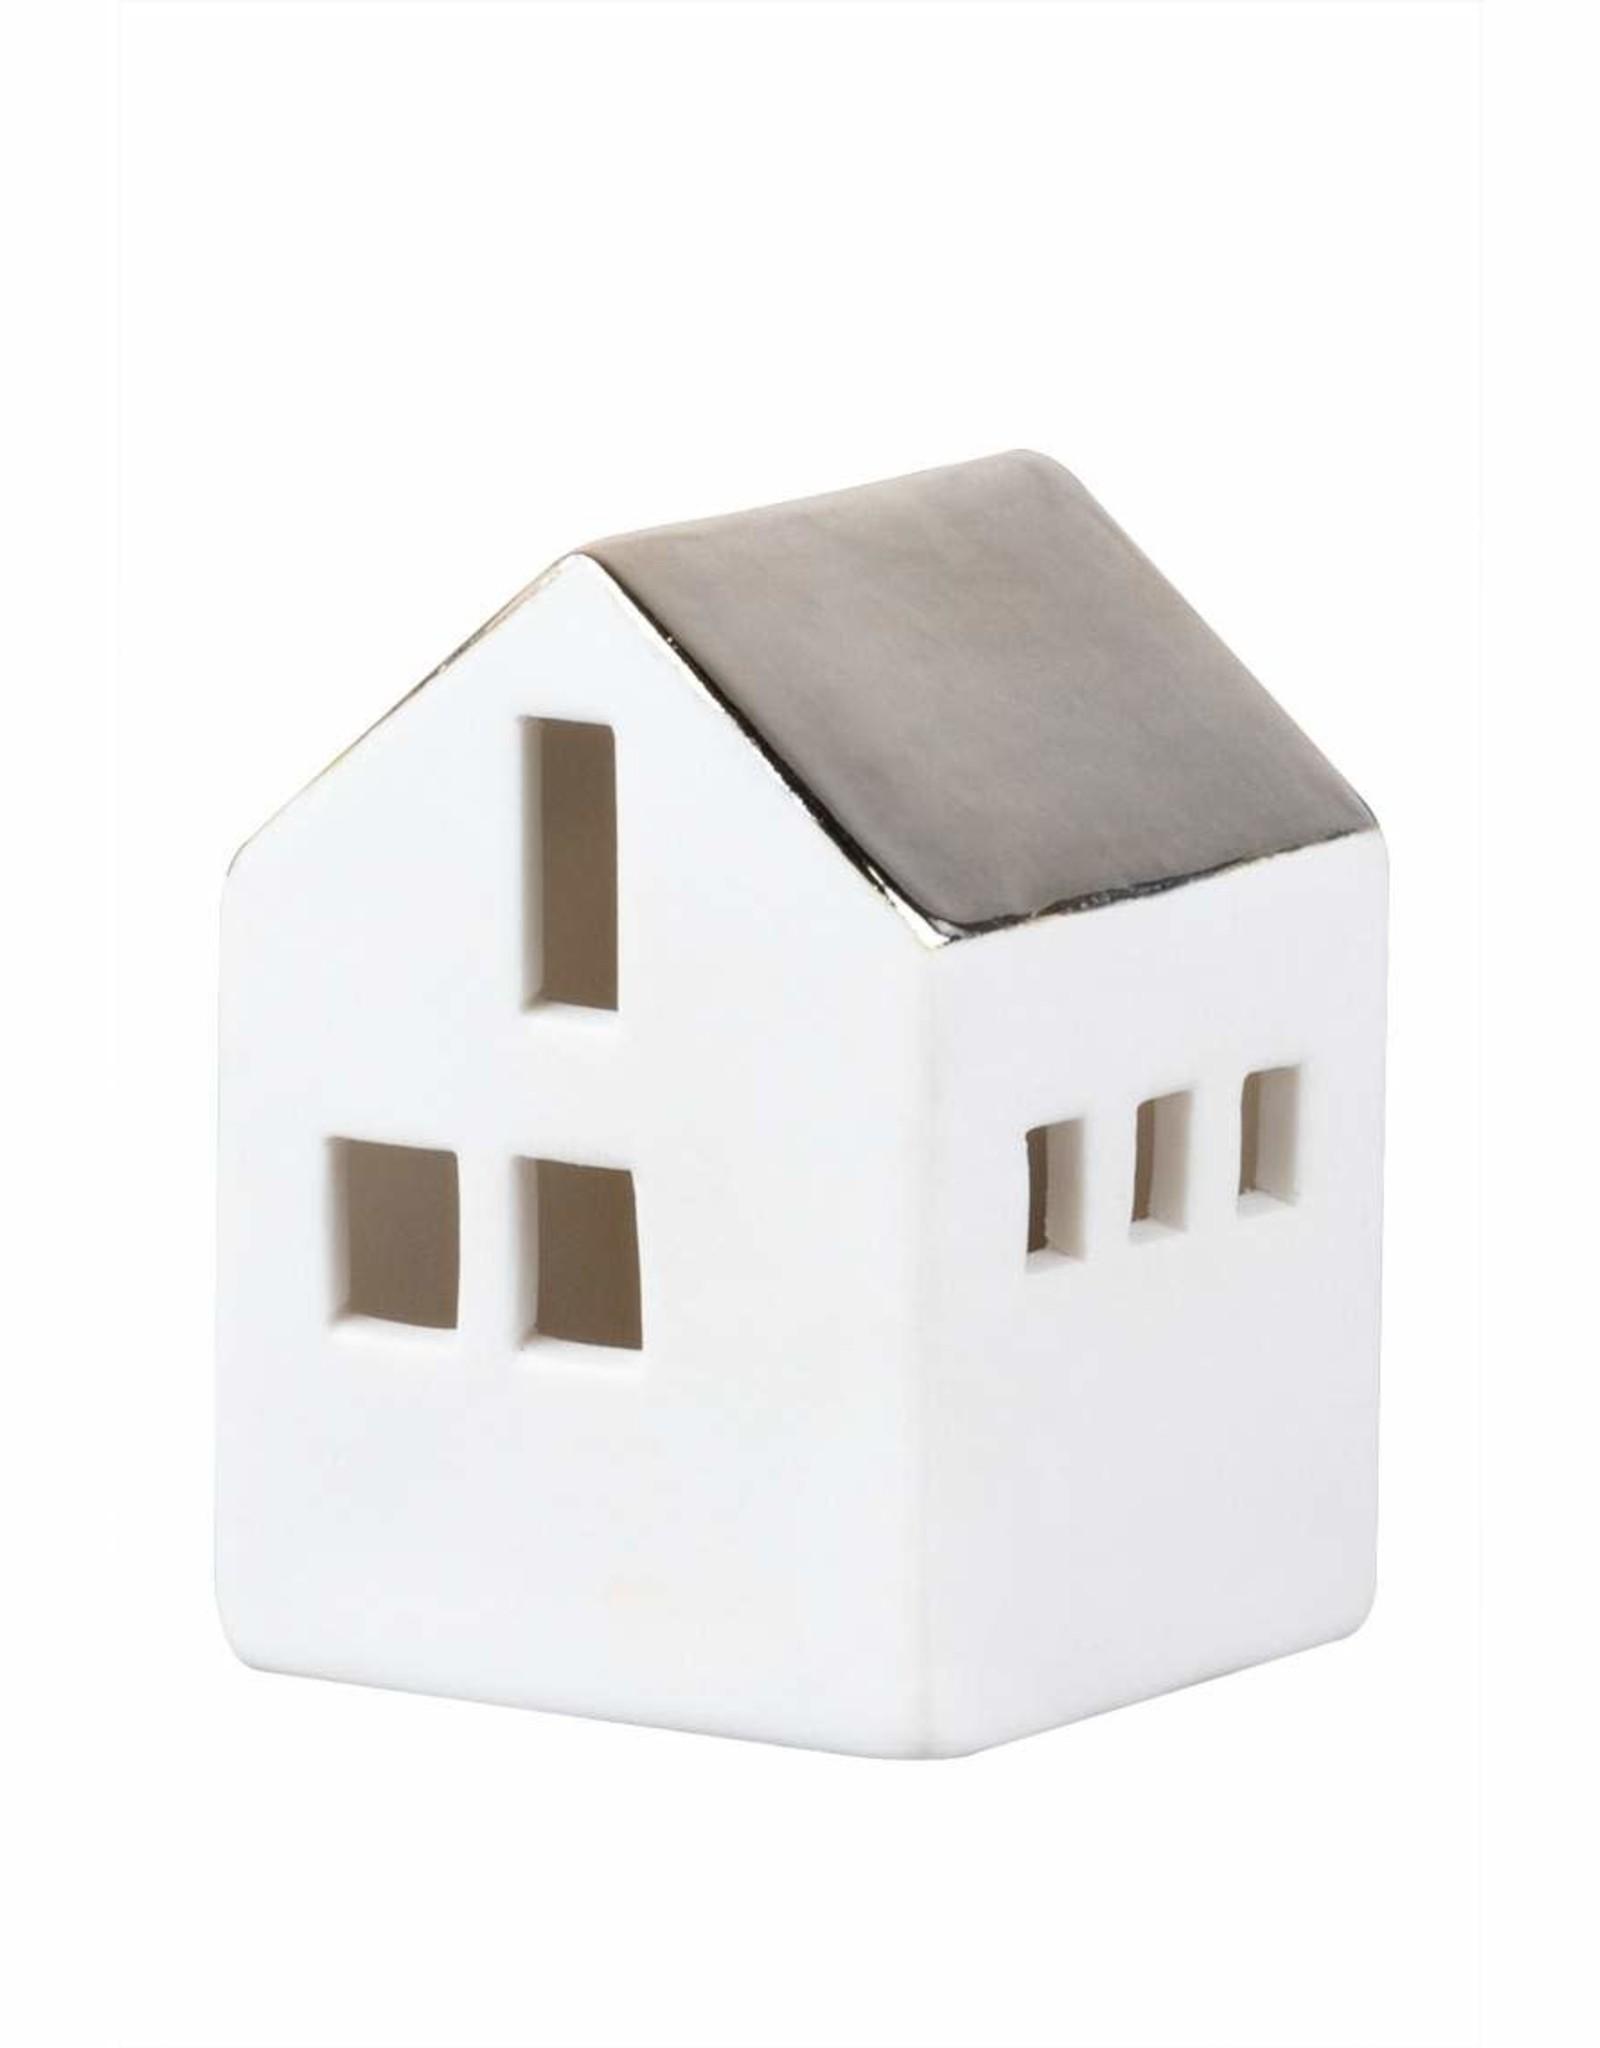 Räder Rader - LED mini light house large